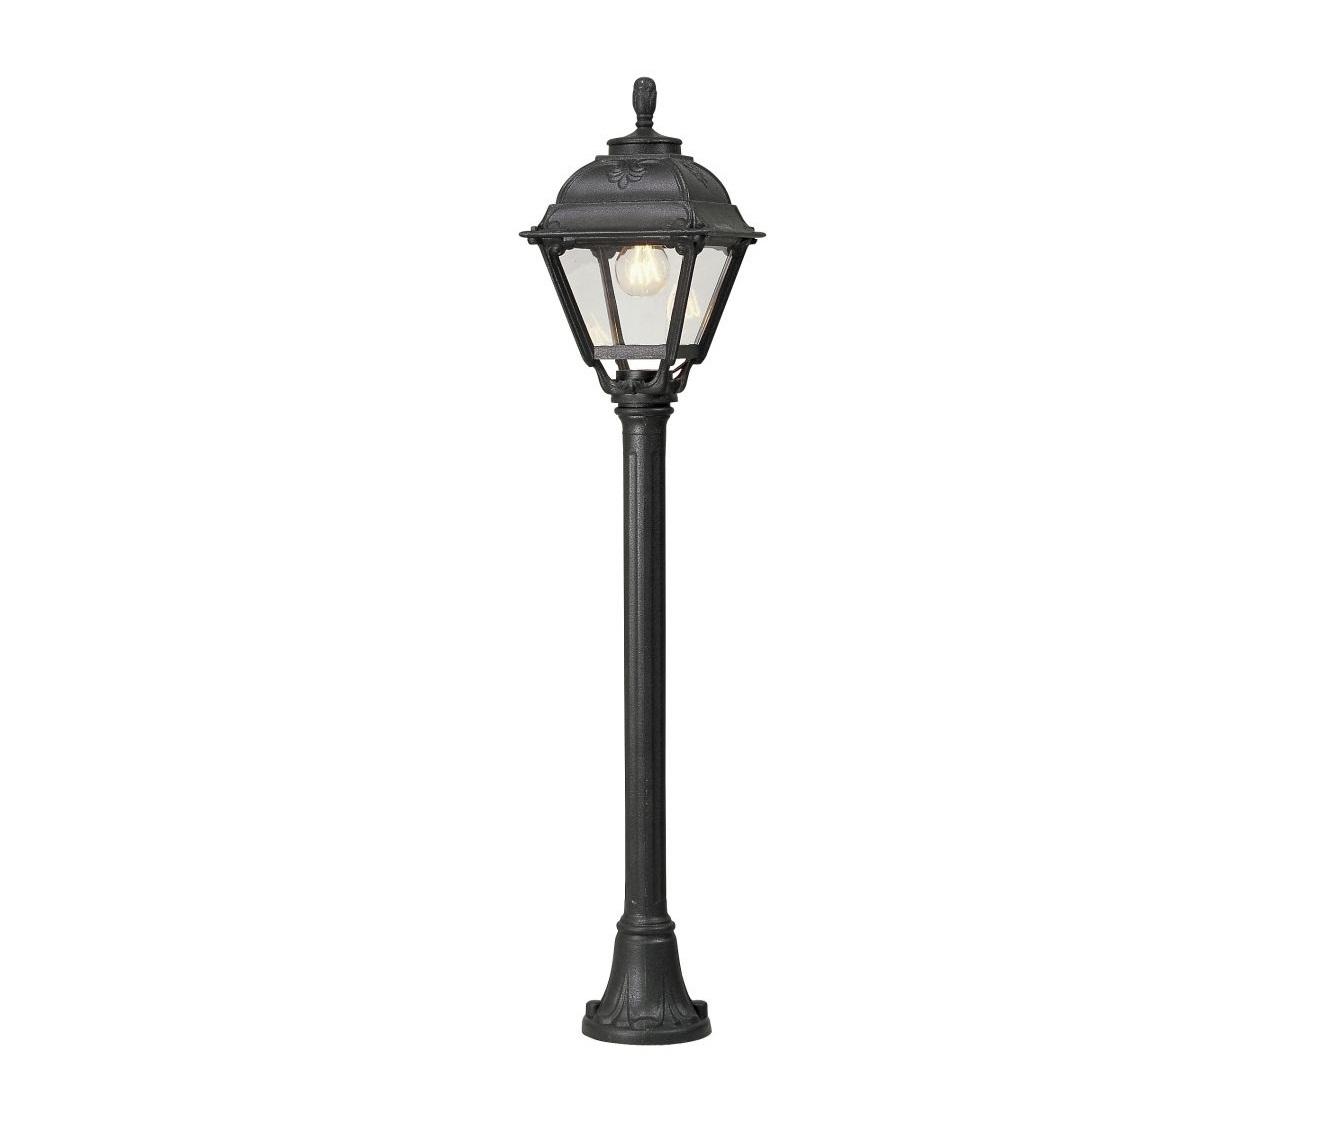 Светильник уличный ALOE.RУличные наземные светильники<br>Средние уличные квадратные светильники FUMAGALLI  серии CEFA - изготовлены в Италии. Корпус изготовлен из современного композитного полимера RESIN. Прочного, окрашенного в массе, не ржавеющего и не выгорающего на солнце. Все светильники пыле-влаго защищены по стандарту IP55. В комплекте идут крепежи и закладные элементы. Рассеиватель выполнен из антивандального, не мутнеющего  и не горючего PMMA. Срок службы светильника - не менее 10 лет. Температура использования от +60 до -90. Могут быть в настенном, подвесном и наземном исполнении со столбами разной высоты, разным количеством и конфигурации голов. Столбы выше 150 см имеют в основе мощную стальную трубу с двойной оцинковкой и полимерным наполнителем. При заказе требуется выбрать цвет корпуса, цвет плафона и тип патрона.&amp;lt;div&amp;gt;&amp;lt;br&amp;gt;&amp;lt;/div&amp;gt;&amp;lt;div&amp;gt;&amp;lt;div&amp;gt;Вид цоколя: E27&amp;lt;/div&amp;gt;&amp;lt;div&amp;gt;Мощность: 60W&amp;lt;/div&amp;gt;&amp;lt;div&amp;gt;Количество ламп: 1 (нет в комплекте)&amp;lt;/div&amp;gt;&amp;lt;div&amp;gt;Материал: полимер&amp;lt;/div&amp;gt;&amp;lt;/div&amp;gt;<br><br>Material: Пластик<br>Height см: 147<br>Diameter см: 23